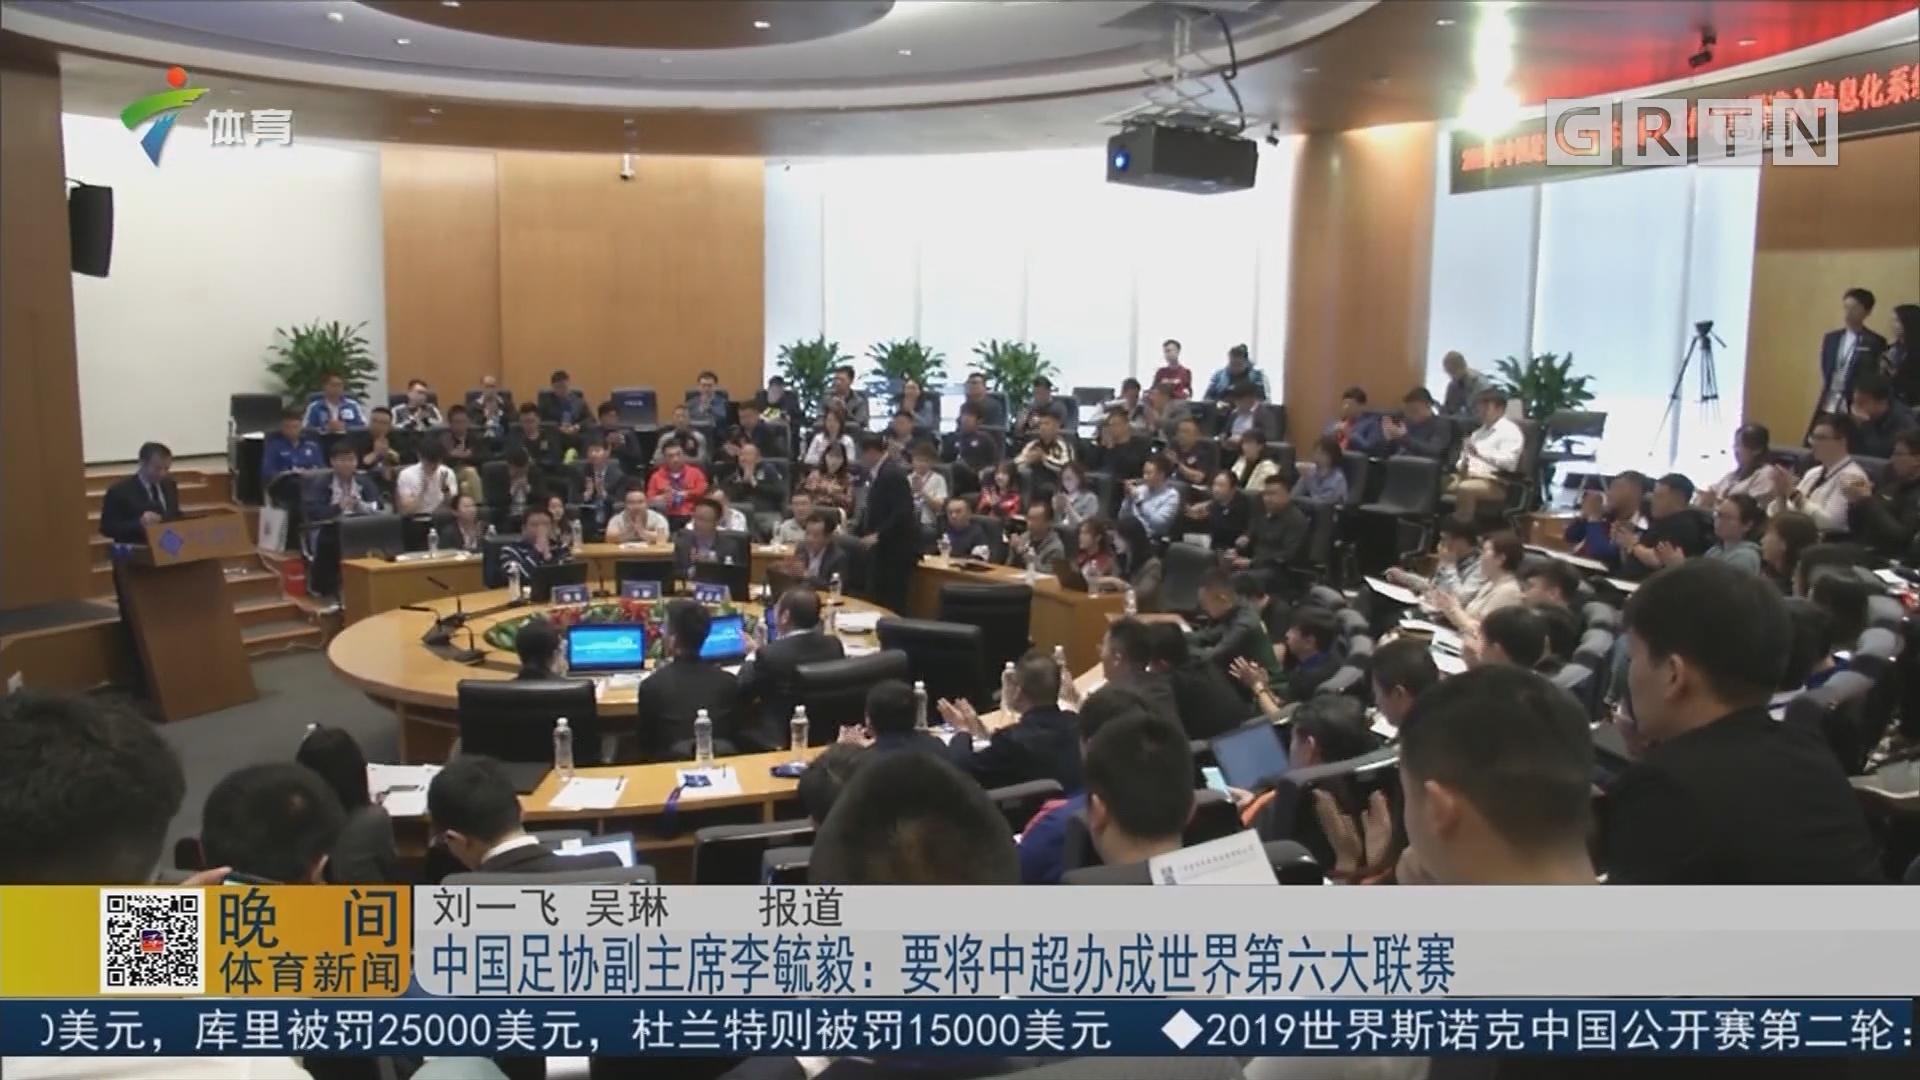 中国足协副主席李毓毅:要将中超办成世界第六大联赛